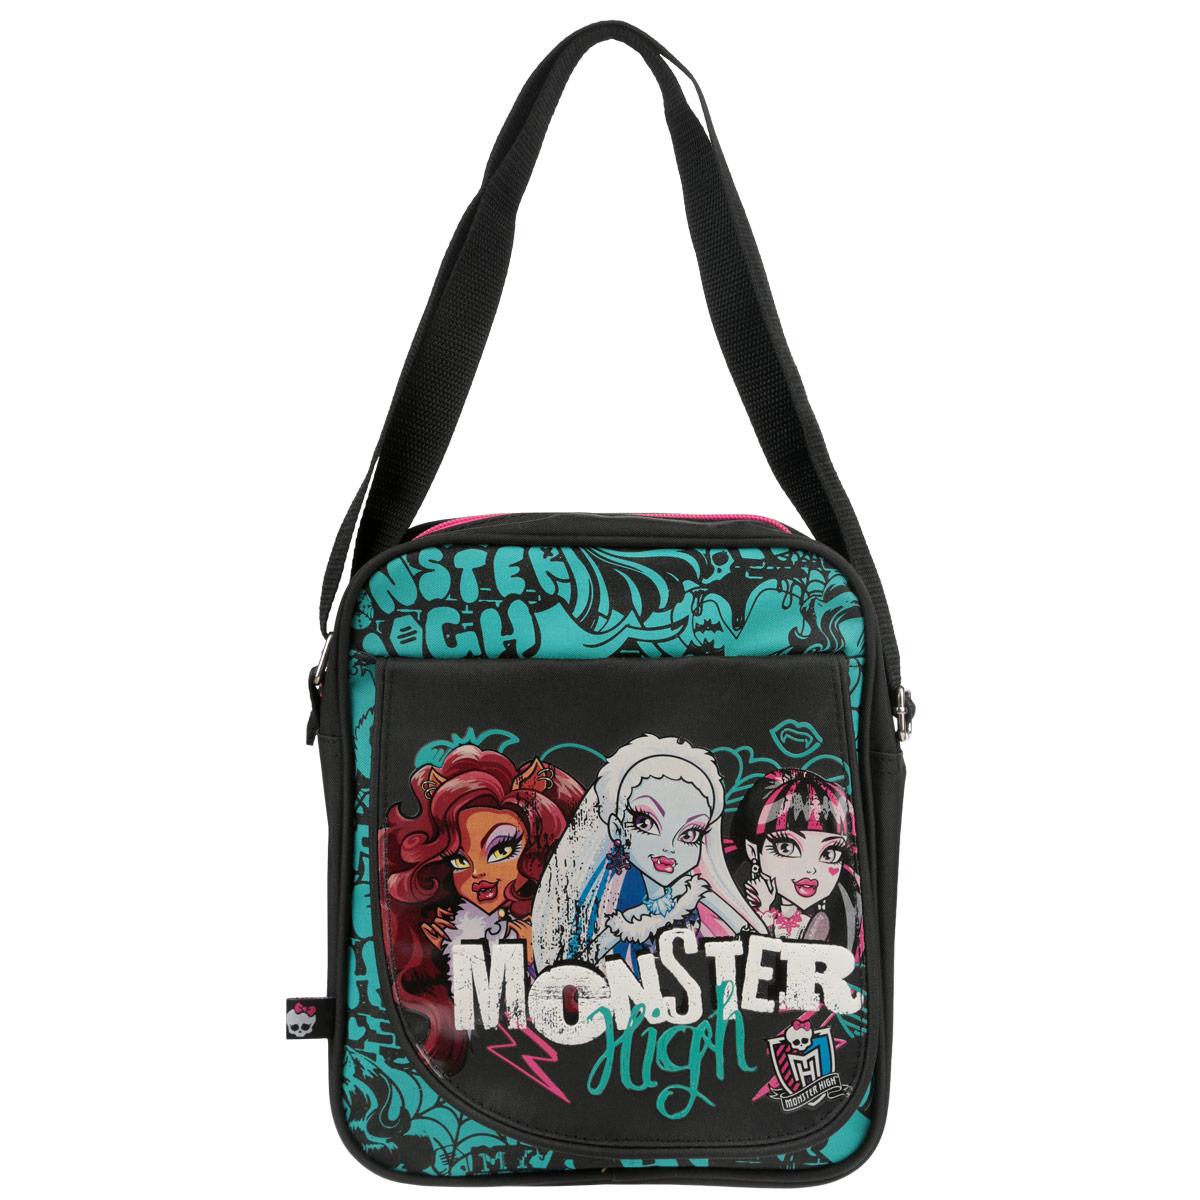 Сумка Monster High, цвет: черный, бирюзовый. MHBA-UT1-5336SMAB-RT2-568Сумка через плечо - это не только очень практичный, но еще и невероятно модный аксессуар. С сумкой Monster High удобно отправиться на прогулку, учебу или в поход по магазинам. Сумка способна вместить ультрамодные гаджеты, документы, и школьные принадлежности. Основное вместительное отделение закрывается на молнию, на фронтальной части изделия дополнительный карман с клапаном на липучке, а внутри прорезной карман на молнии для мелких предметов. Внутренняя отделка выполнена качественной подкладочной тканью. Лямка свободно регулируется по длине, обеспечивая комфорт. А яркий и стильный дизайн отлично дополнит ваш образ.